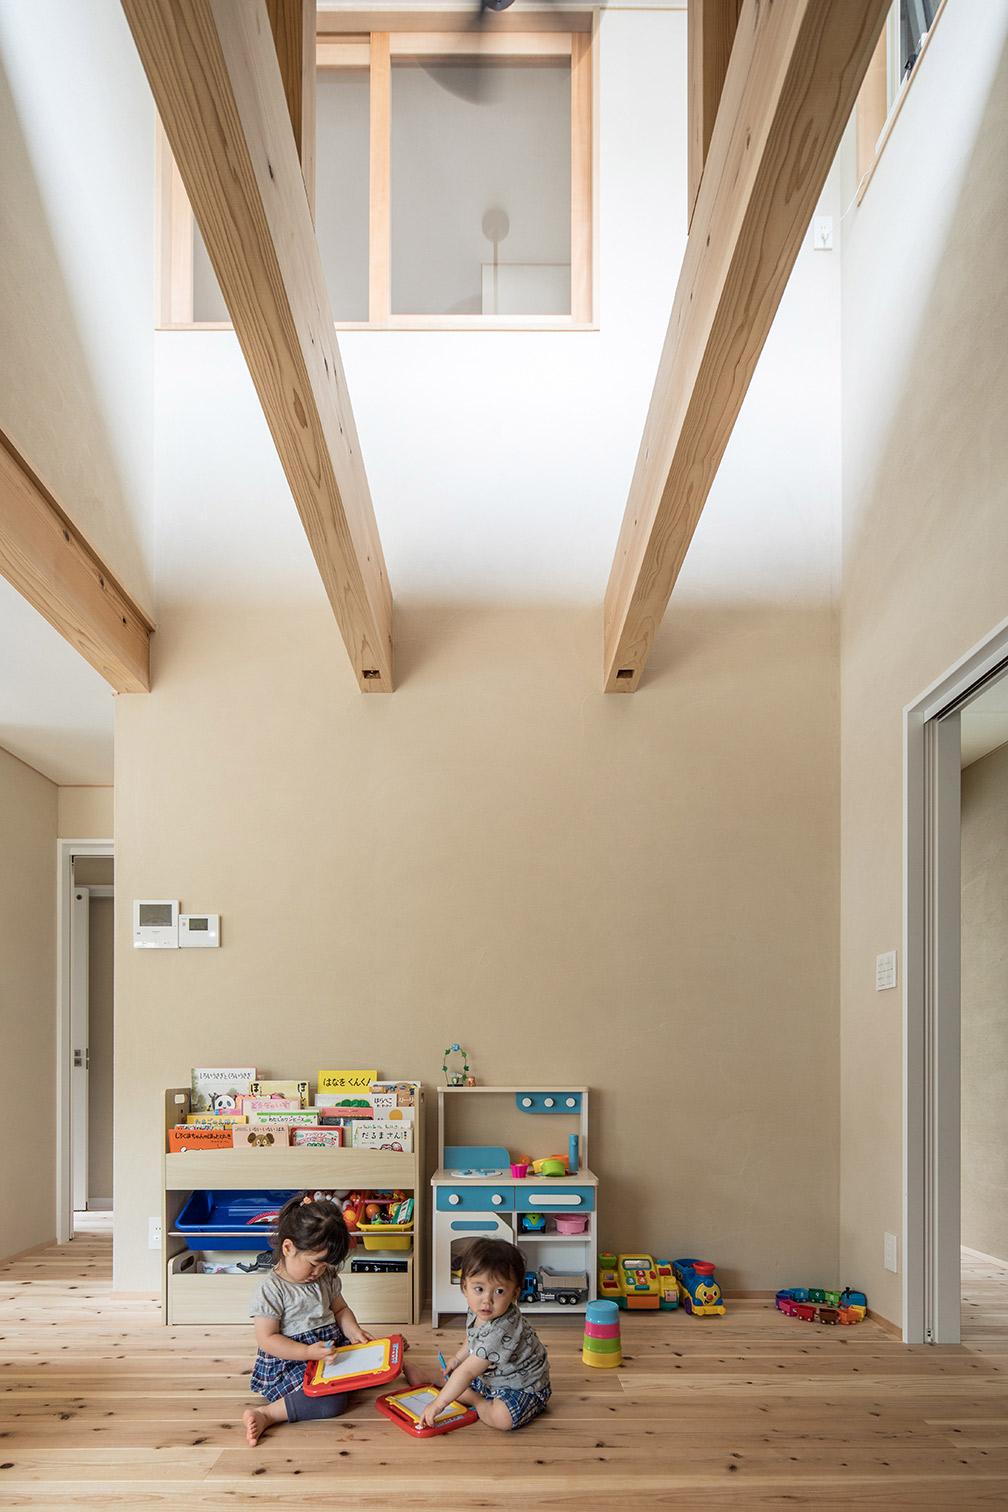 珪藻土で空気が綺麗な子供部屋